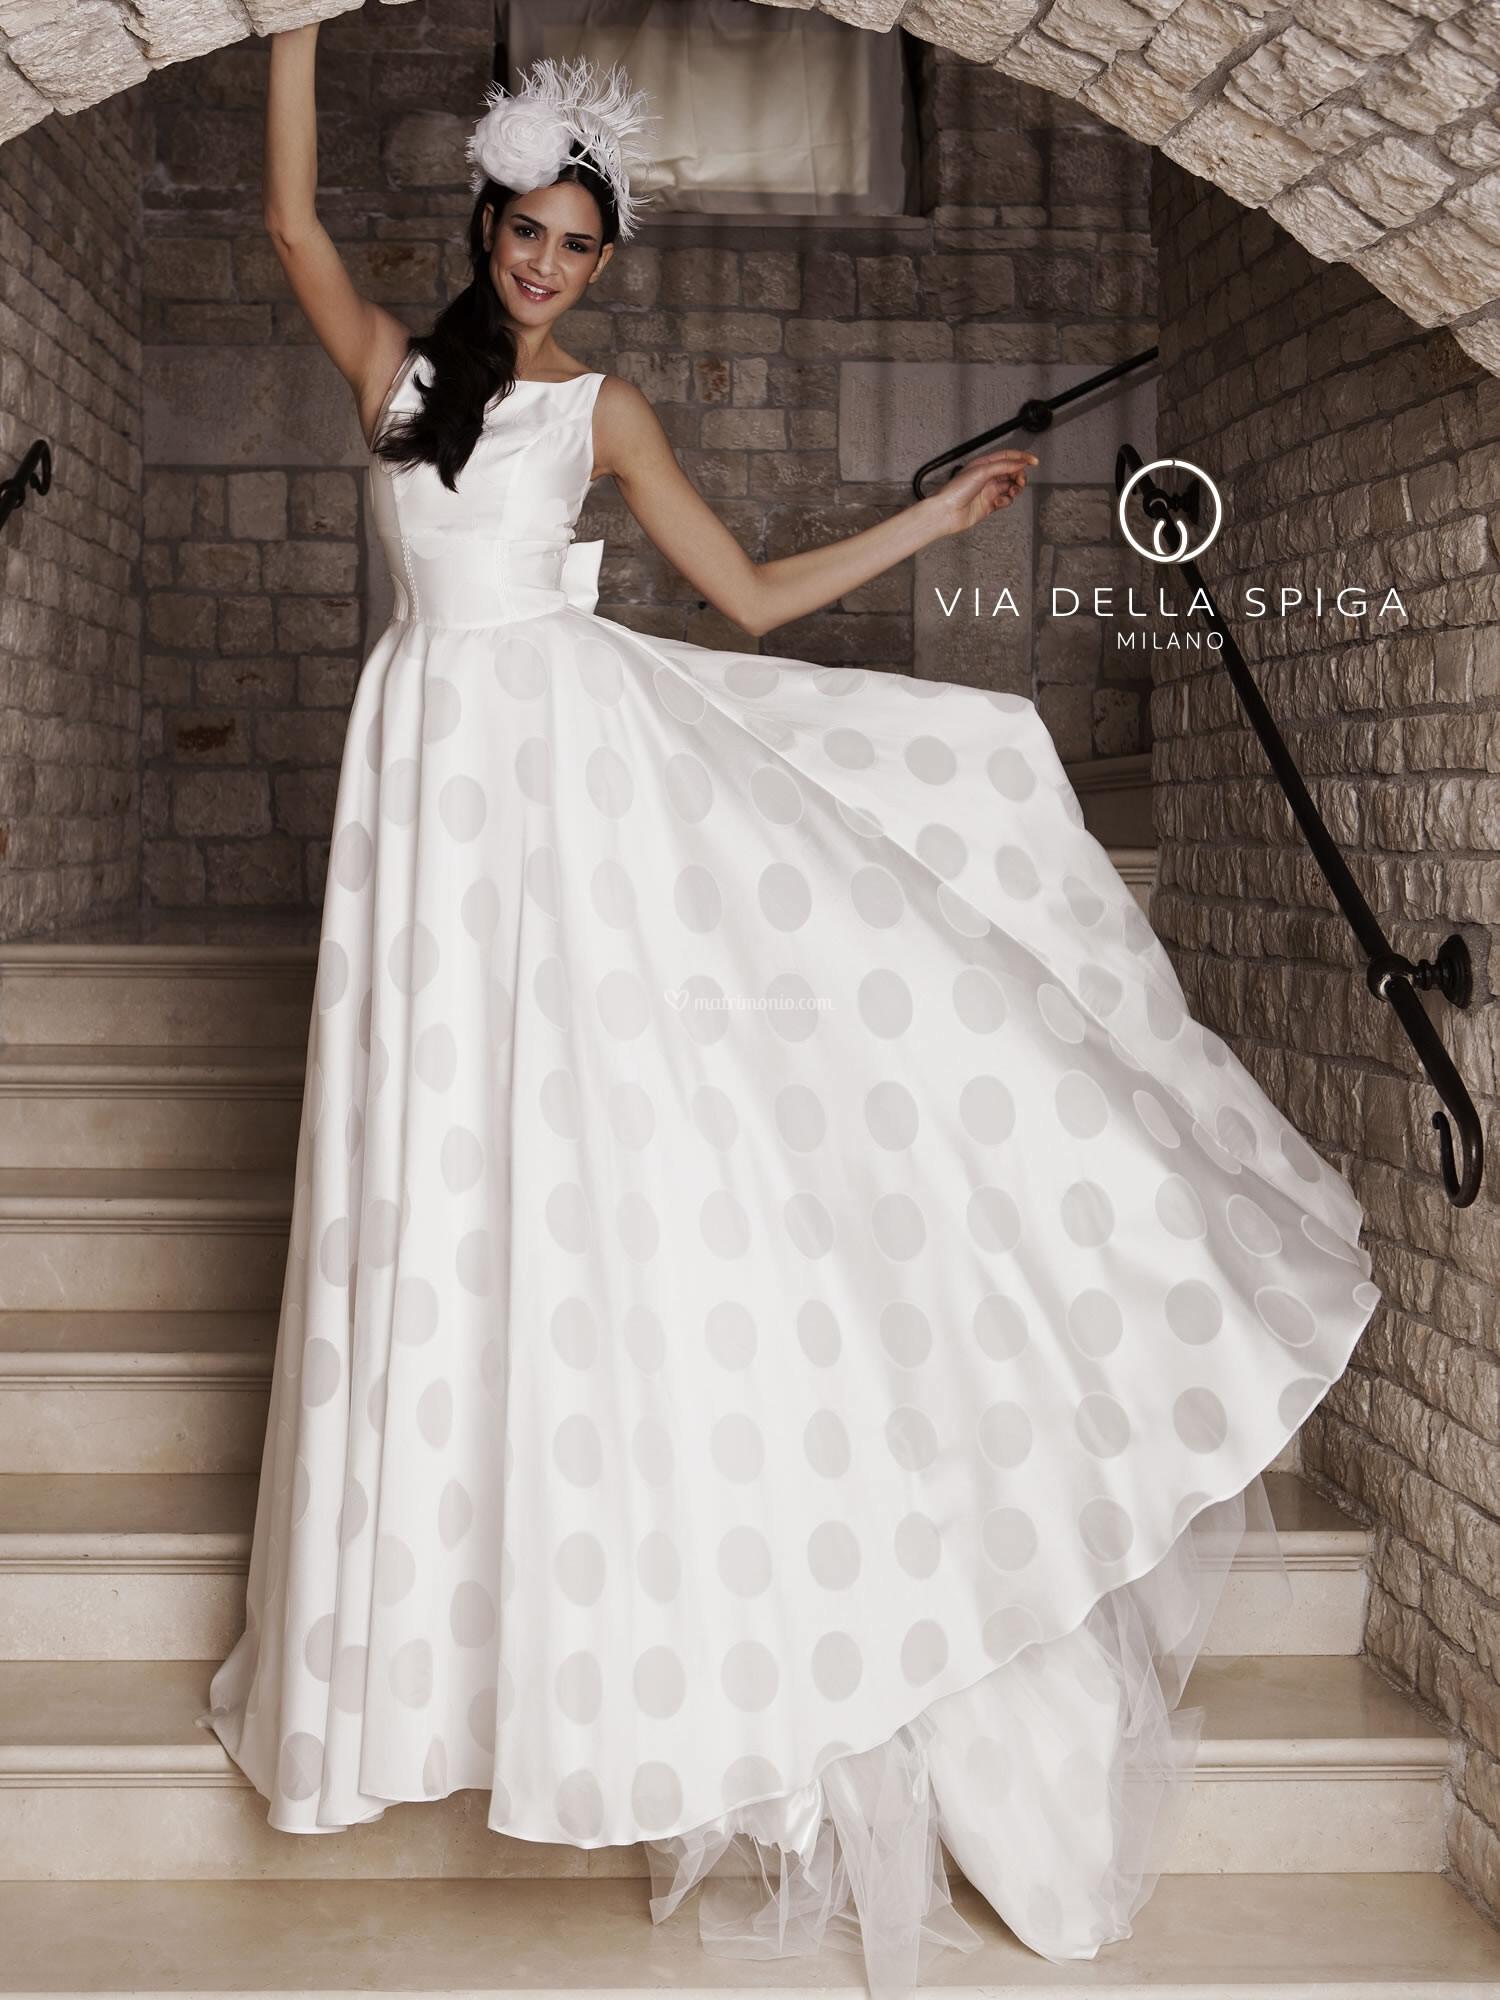 Matrimonio Bohemian Napoli : Bohemian glamour abiti da sposa via della spiga milano